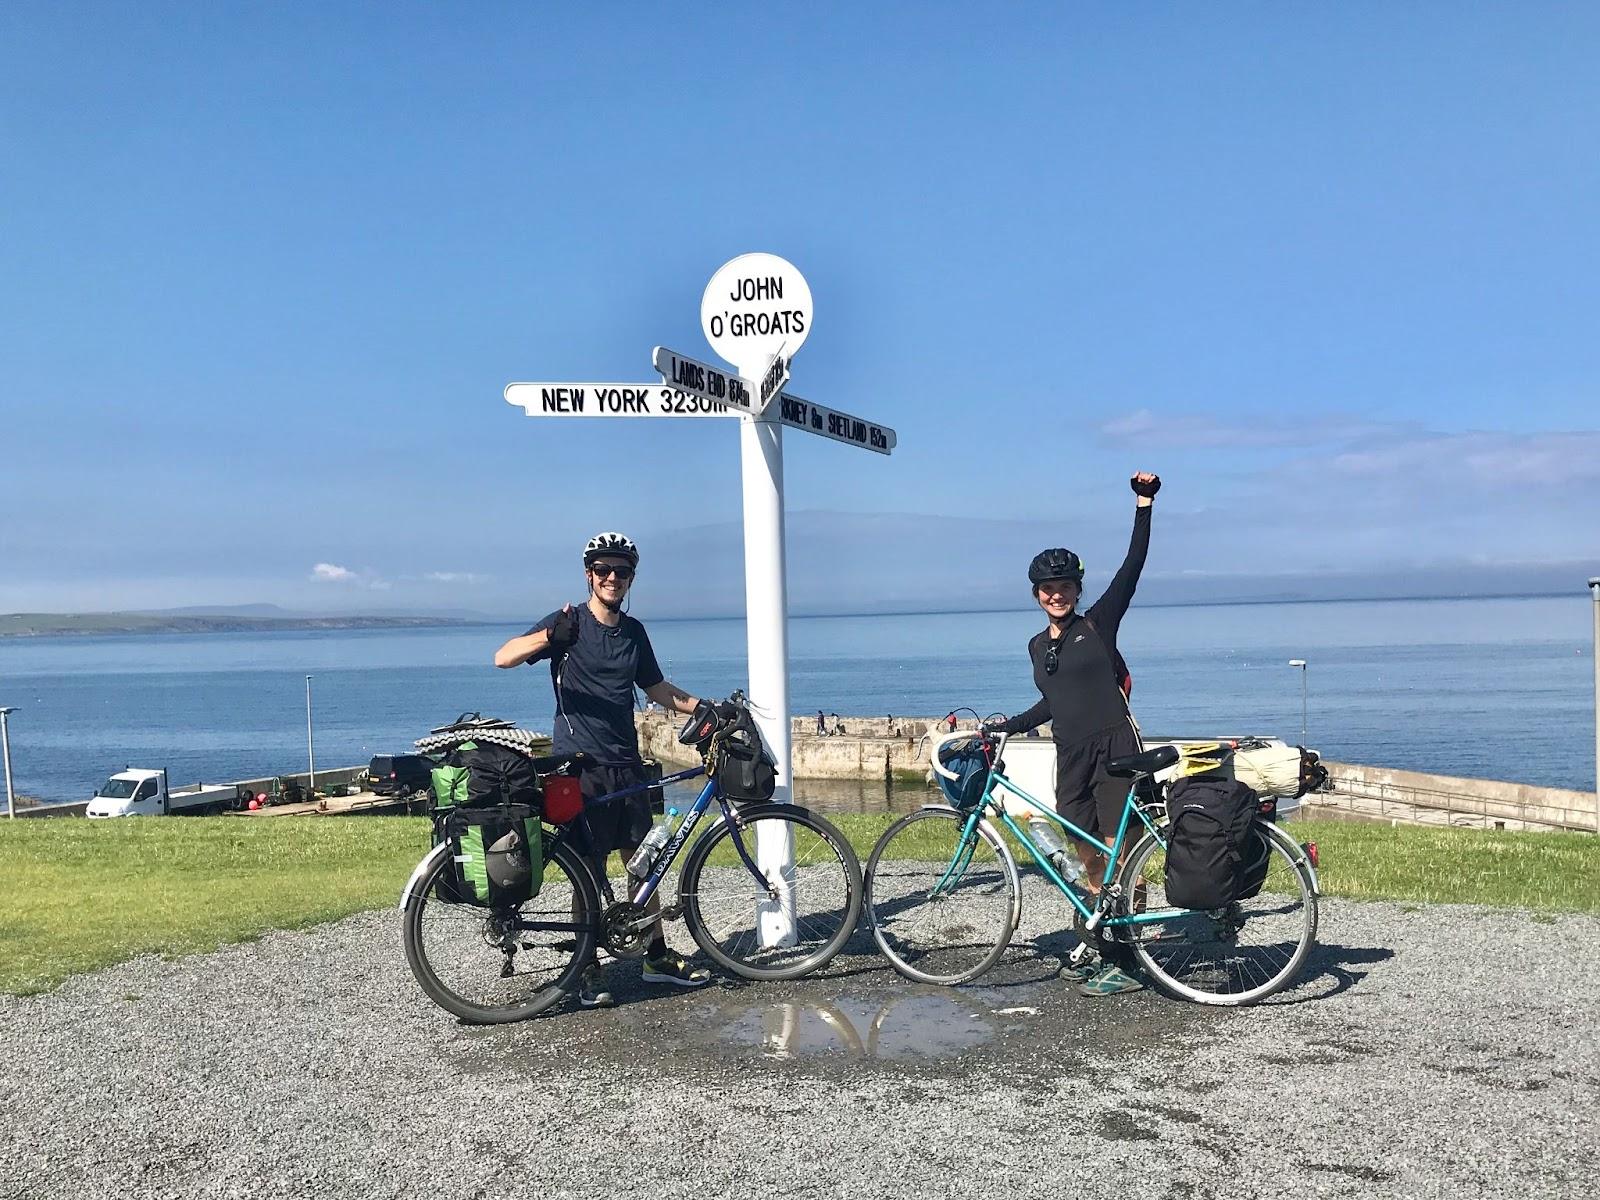 biking through britain